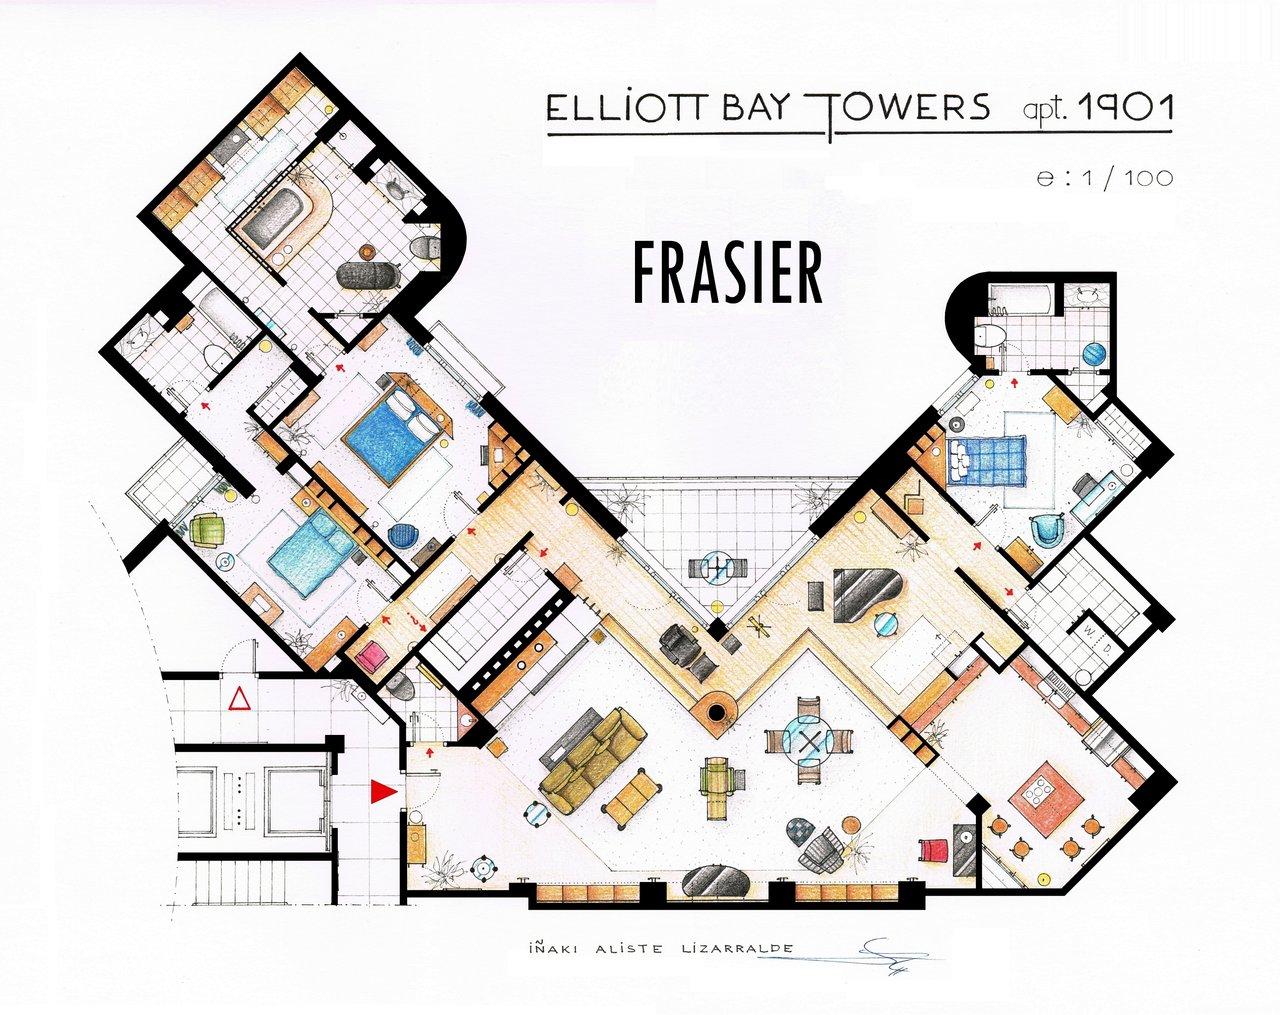 Frasier floorplan